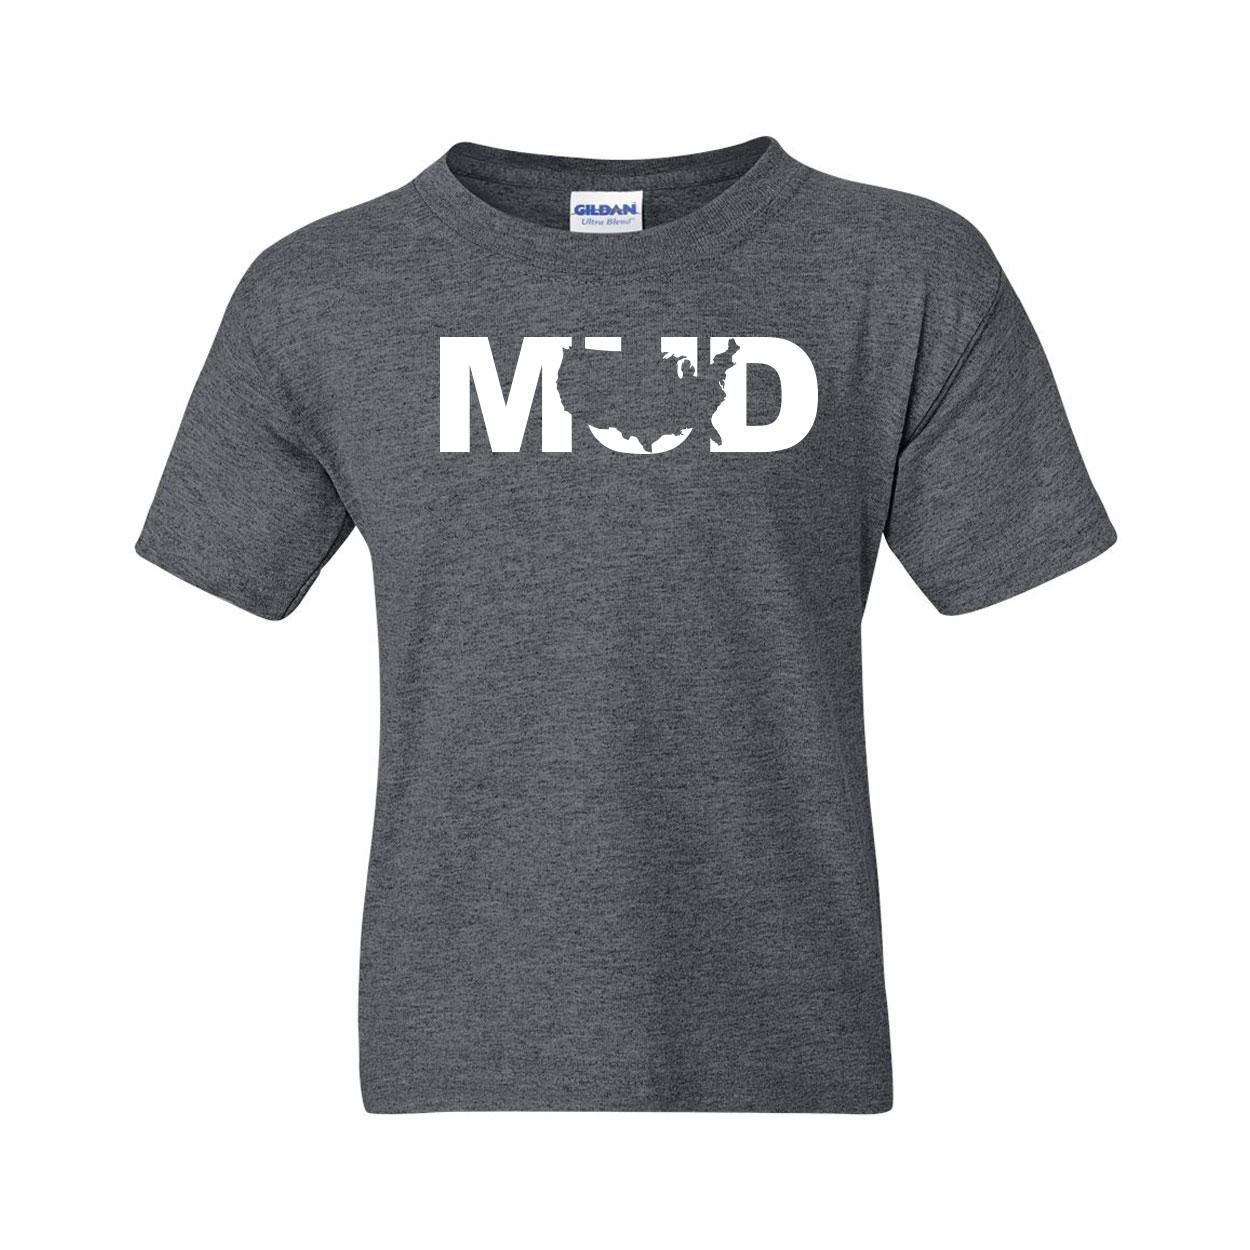 Mud United States Classic Youth T-Shirt Dark Heather Gray (White Logo)